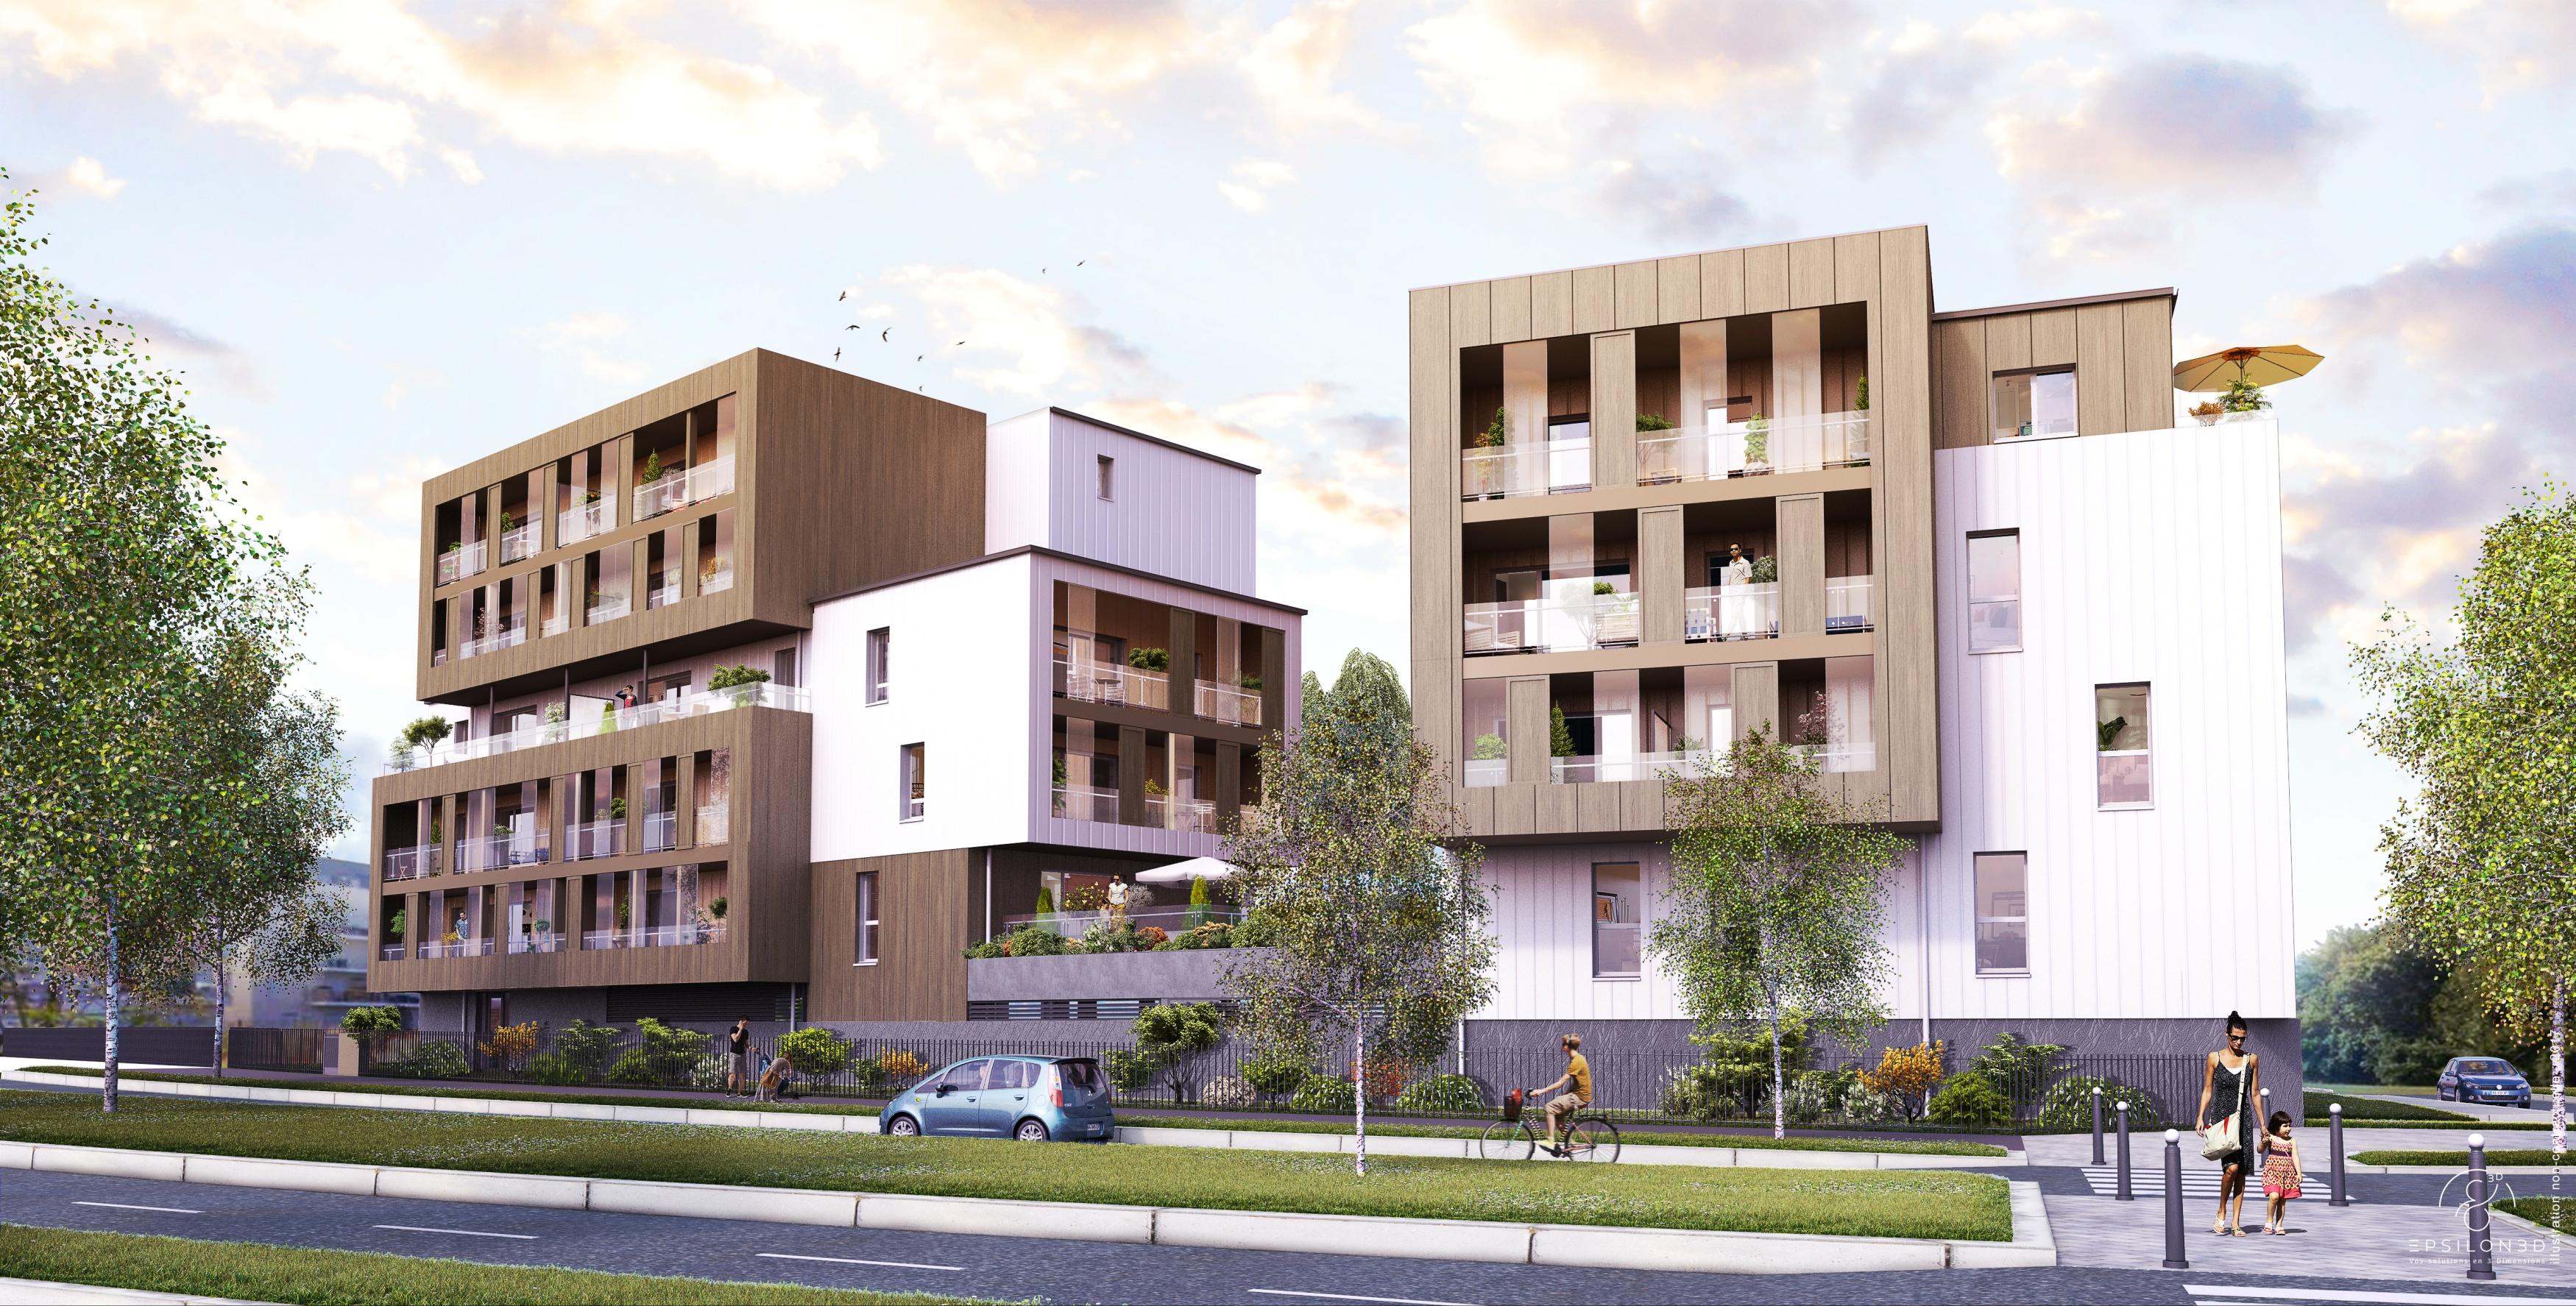 Obm construction lance un programme de logements neufs for Construction de logements neufs